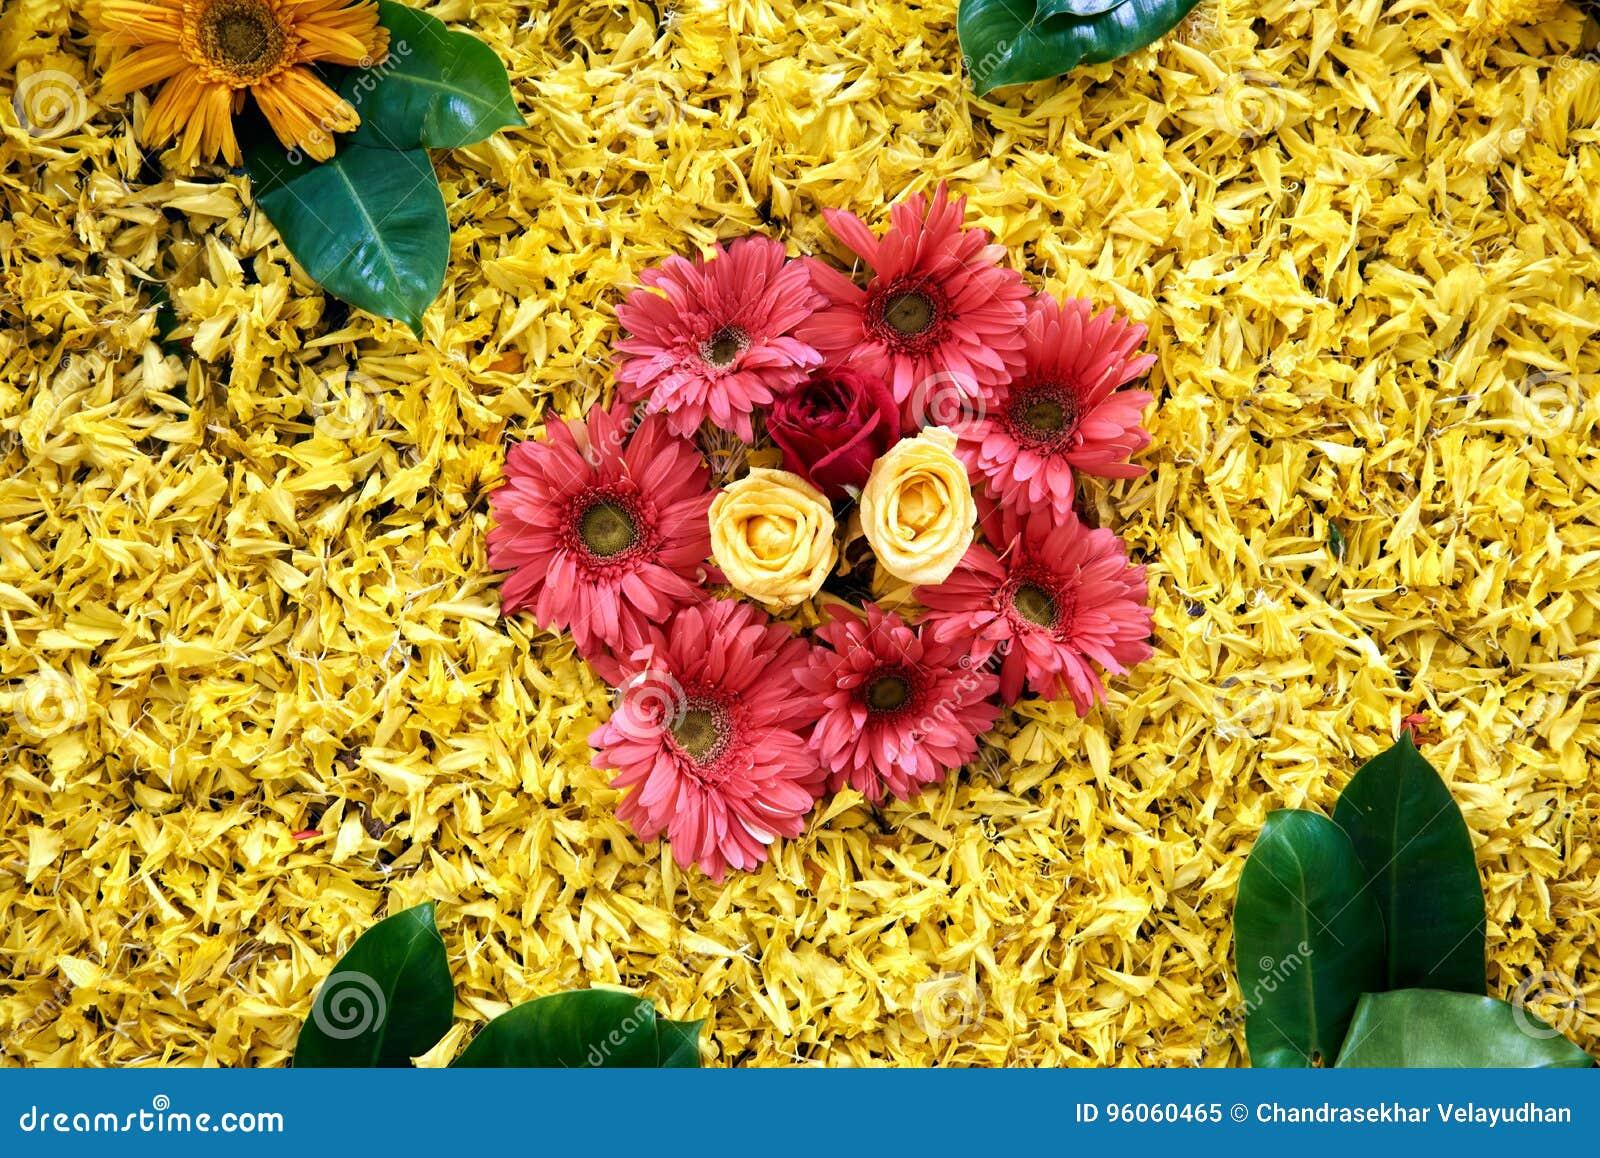 Modèle floral avec des feuilles et des fleurs de beaucoup de couleurs